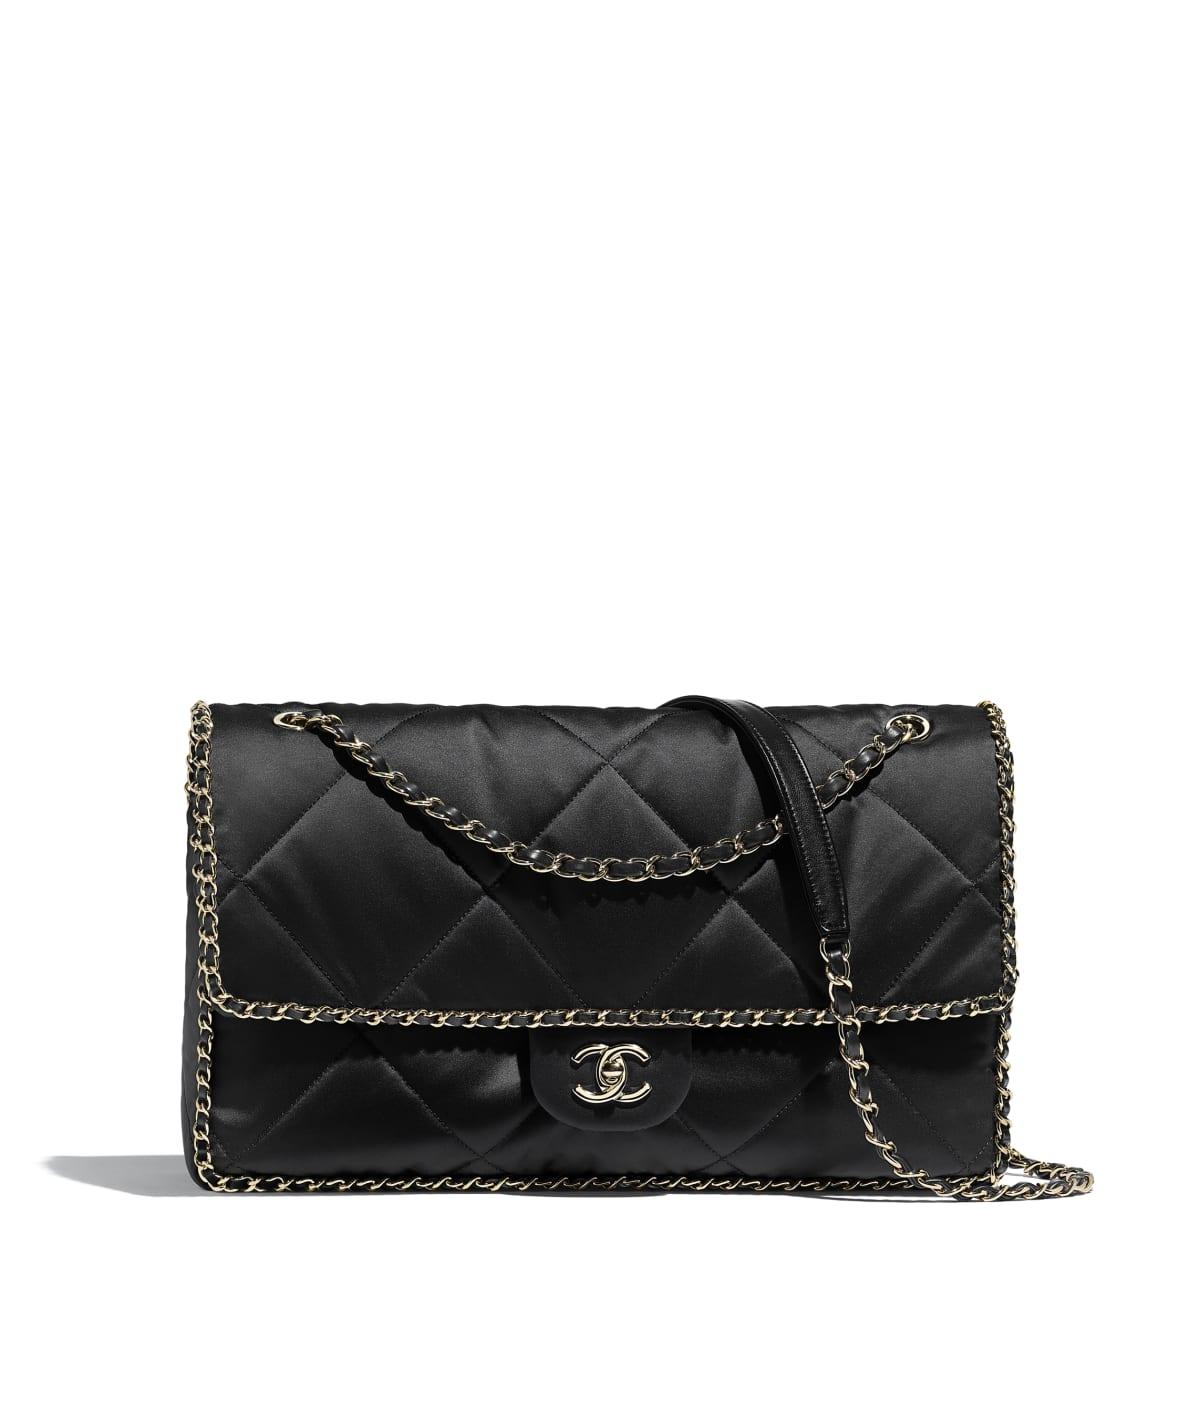 cd8e597444b Handbags - CHANEL